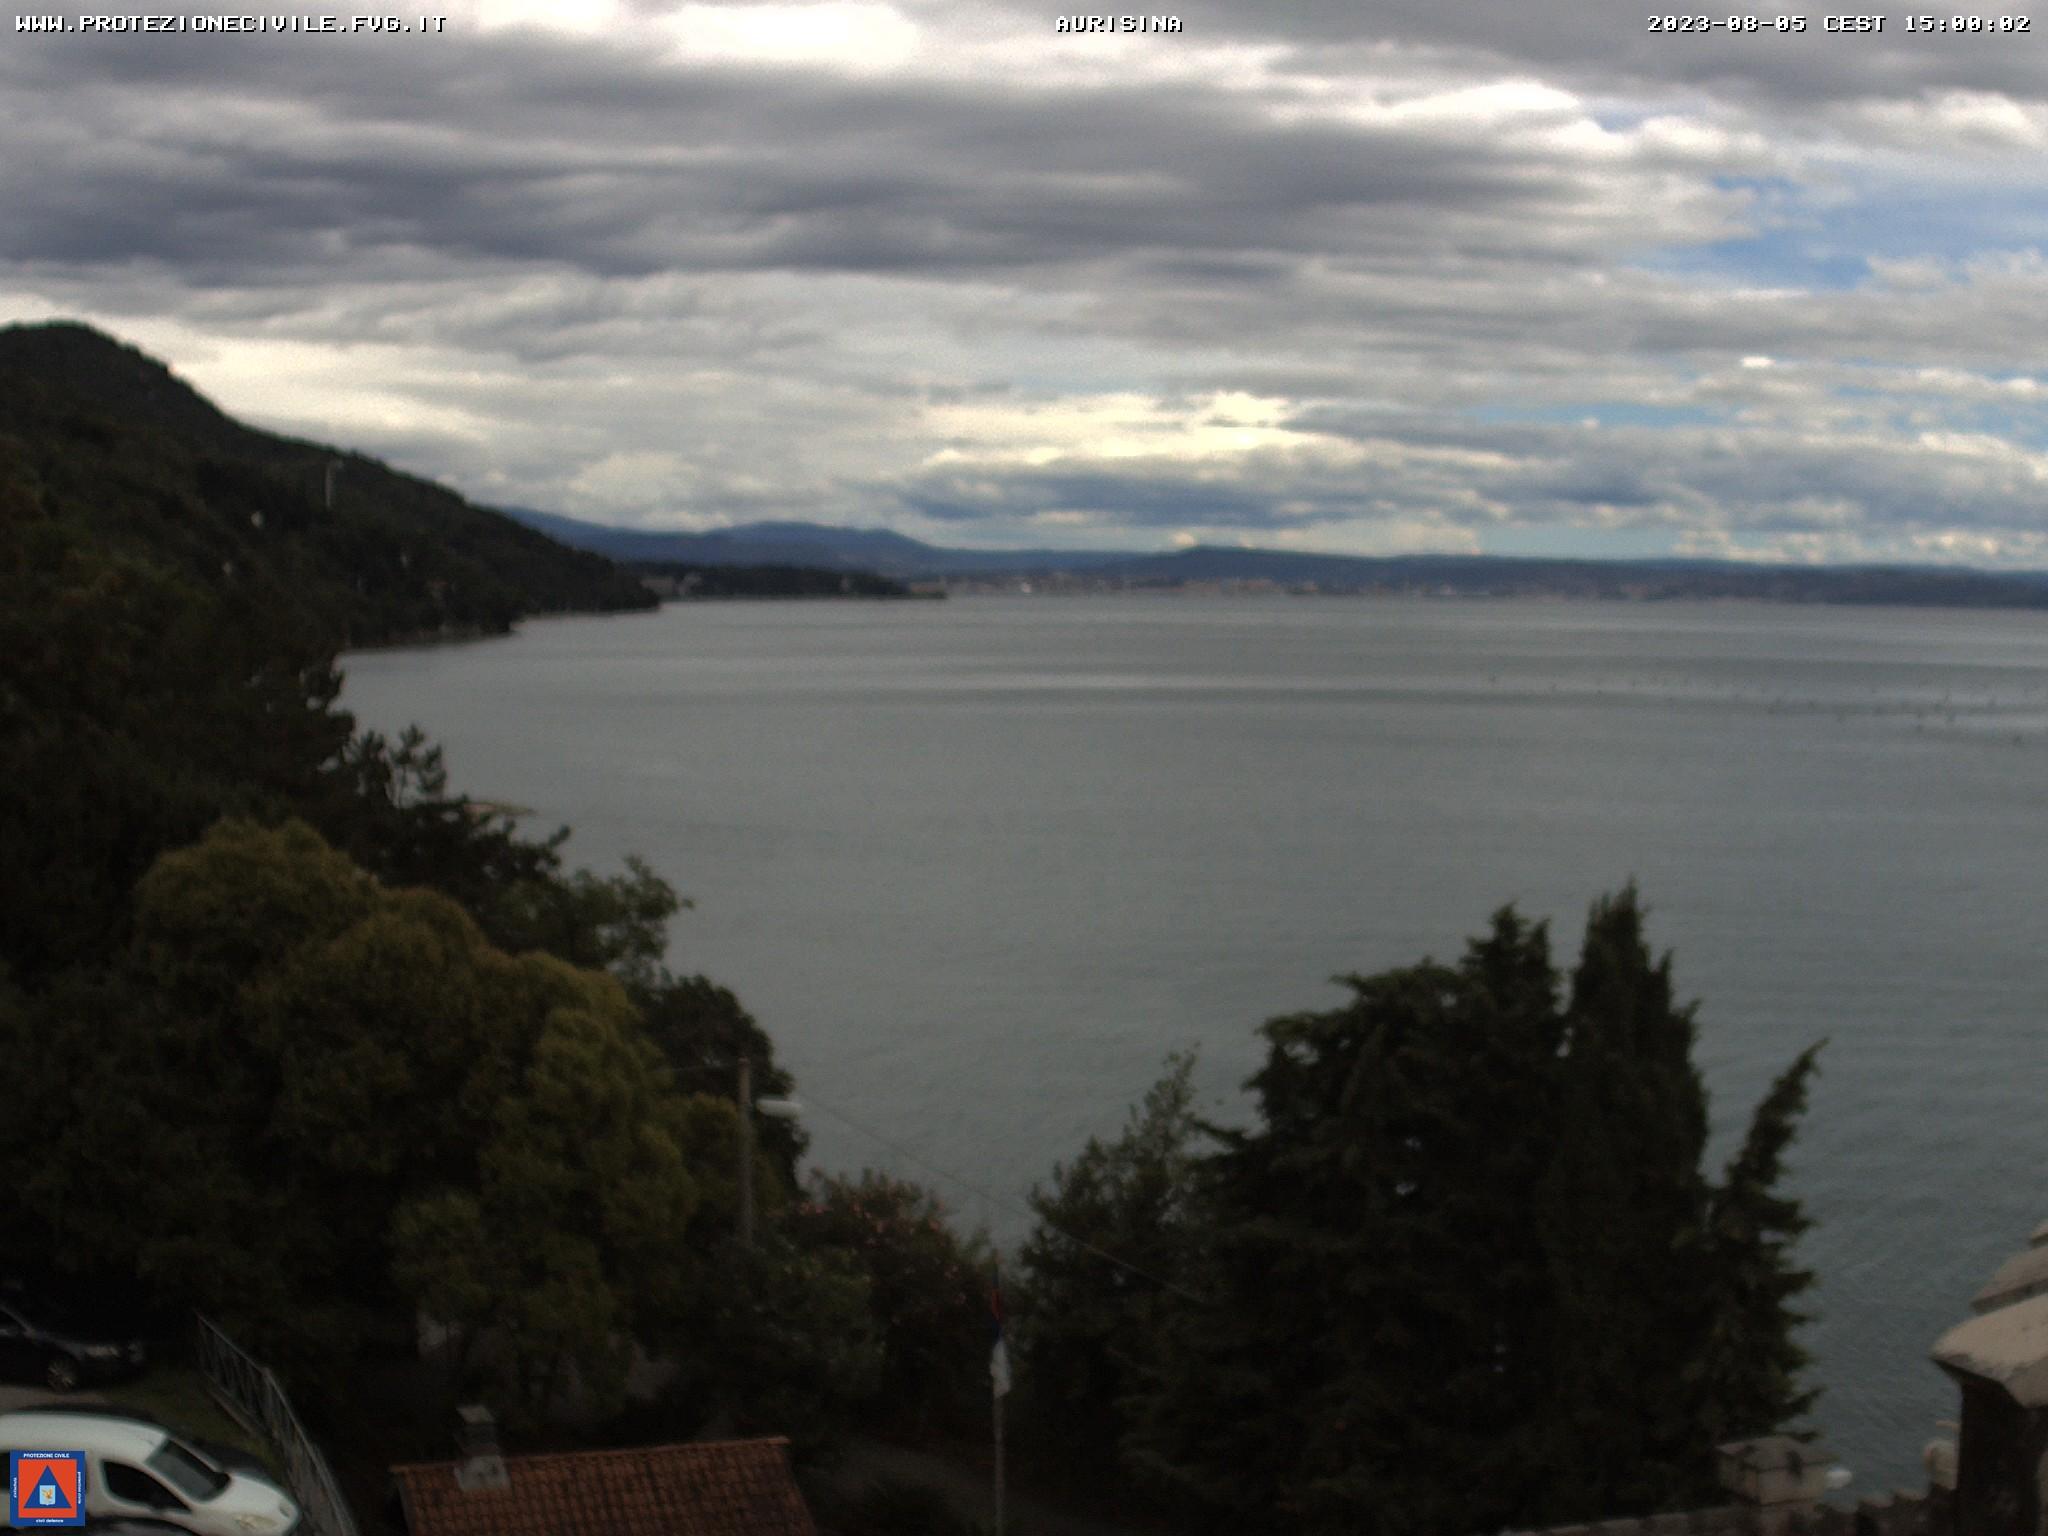 Webcam Aurisina - Trieste - O